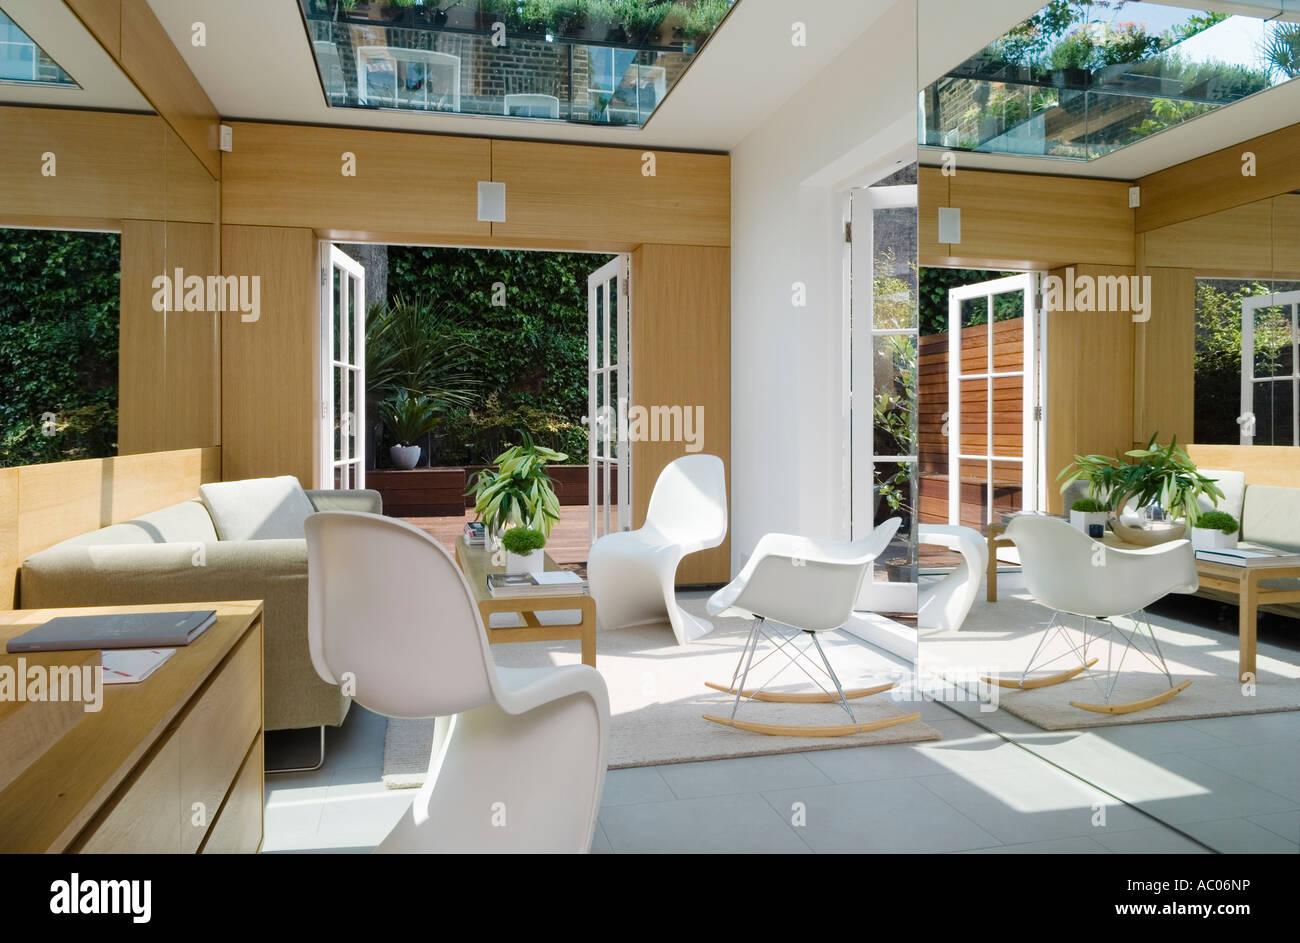 Moderne gespiegelt-Wohnzimmer mit Panton Stühle und Fenstertüren ...